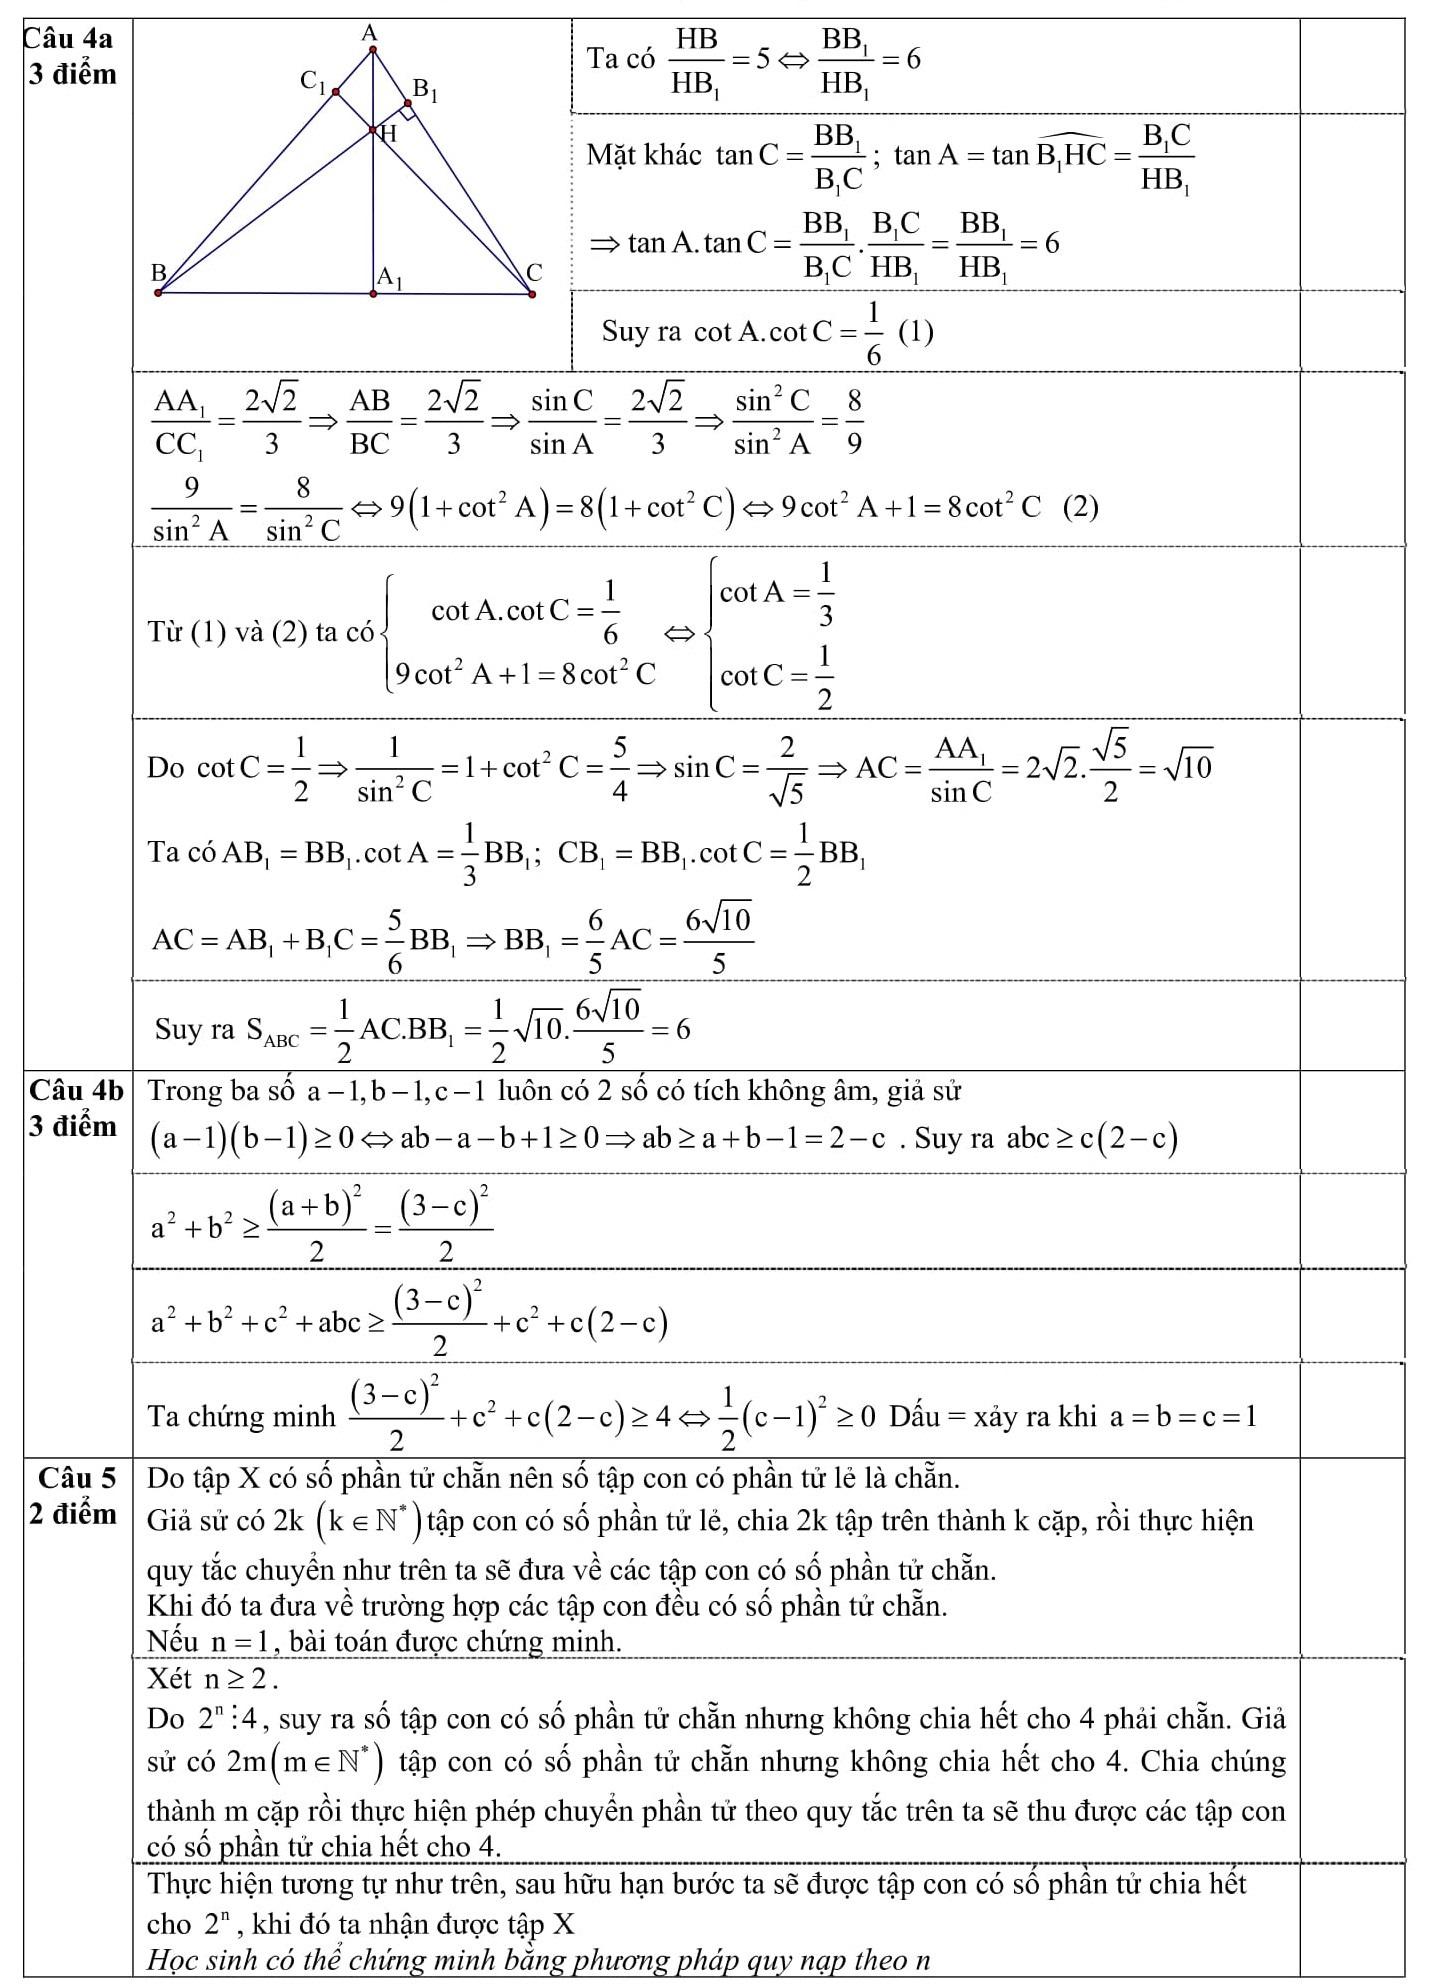 Đáp án và đề thi HSG toán 10 phòng GD&ĐT Hà Tĩnh 2016-2017